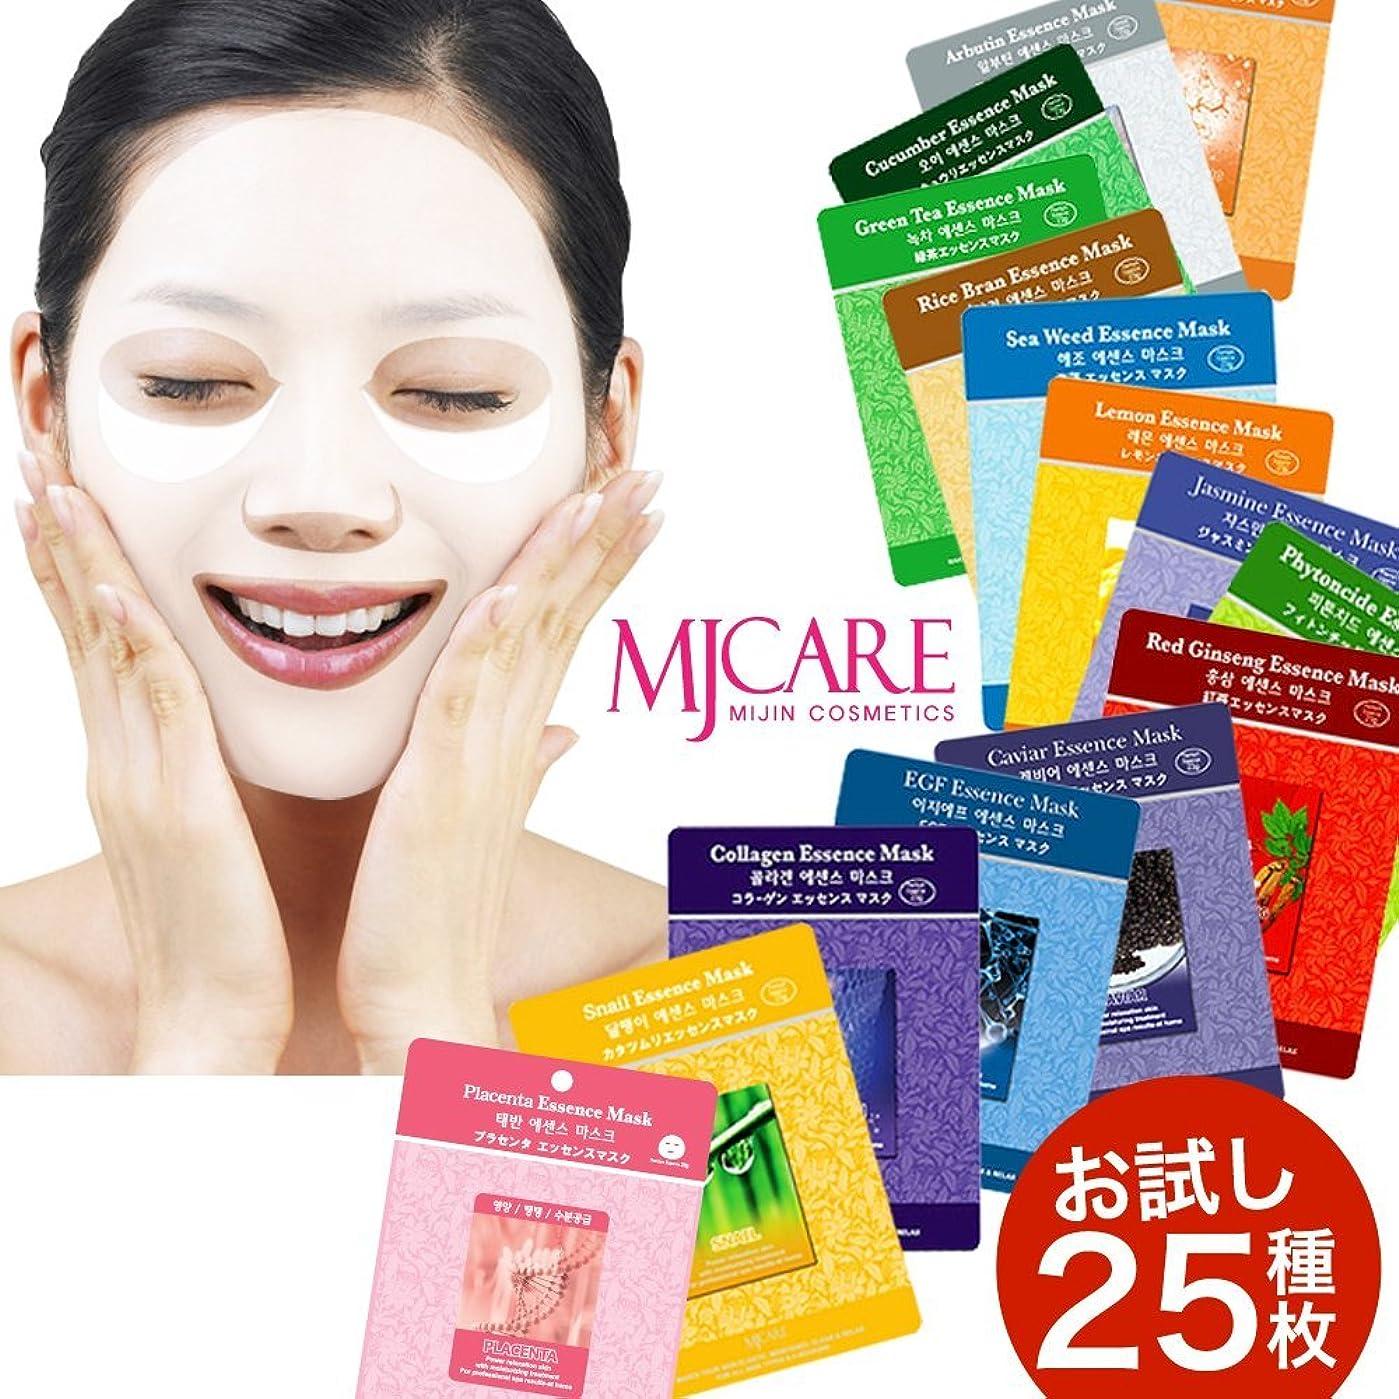 ナサニエル区アーカイブプレビスサイトシートマスク フェイスパック フェイスマスク MJcare オススメ 25枚 set